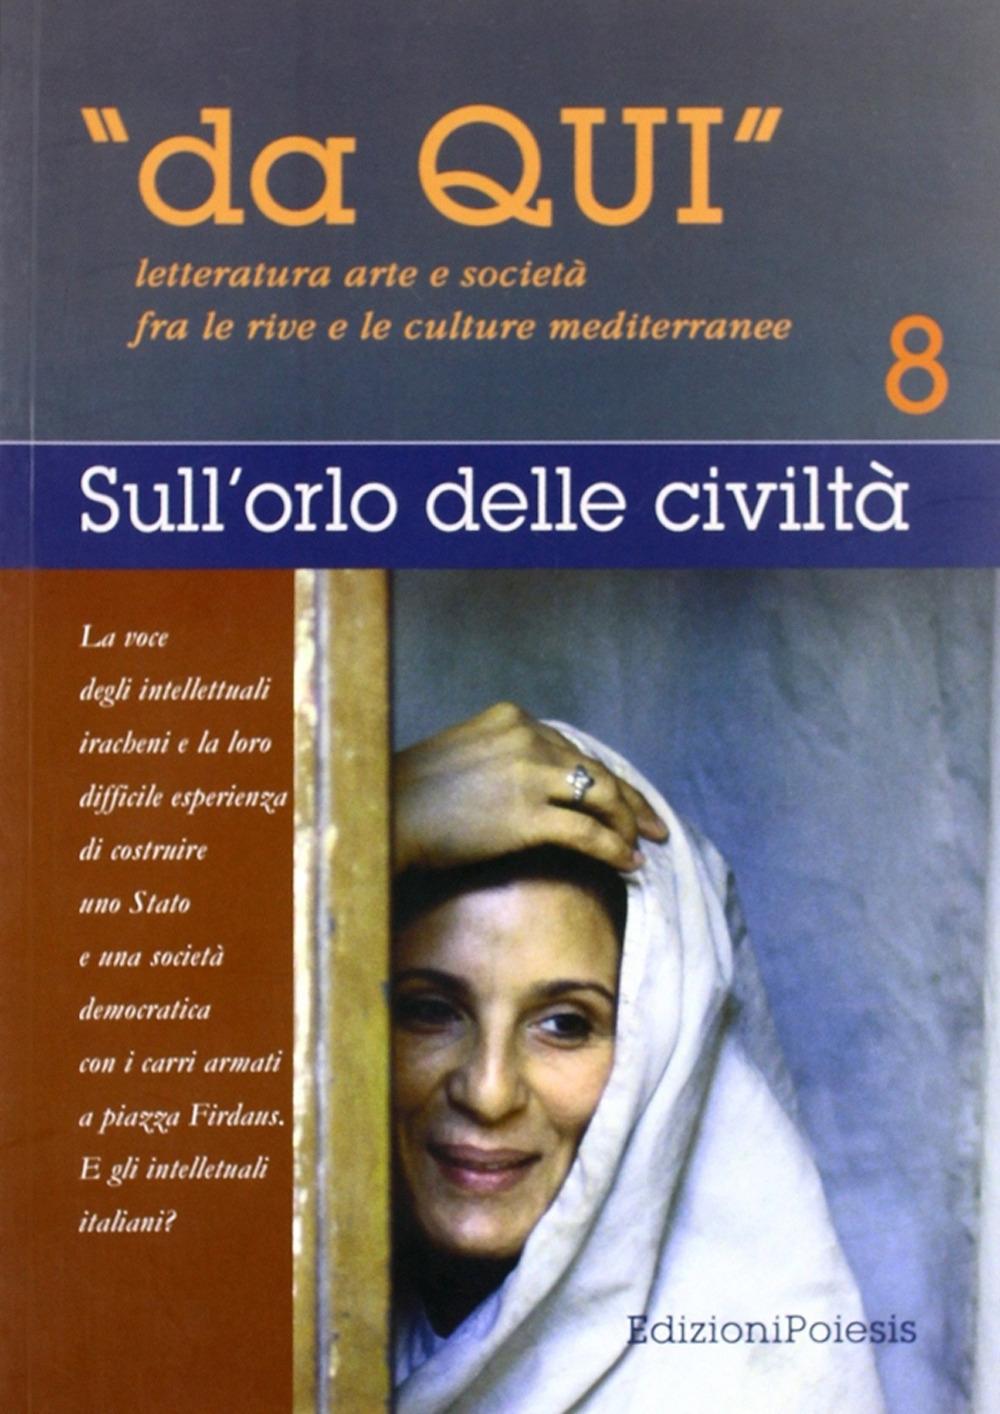 Da qui. Letterature, arti e società fra le culture mediterranee. Vol. 8